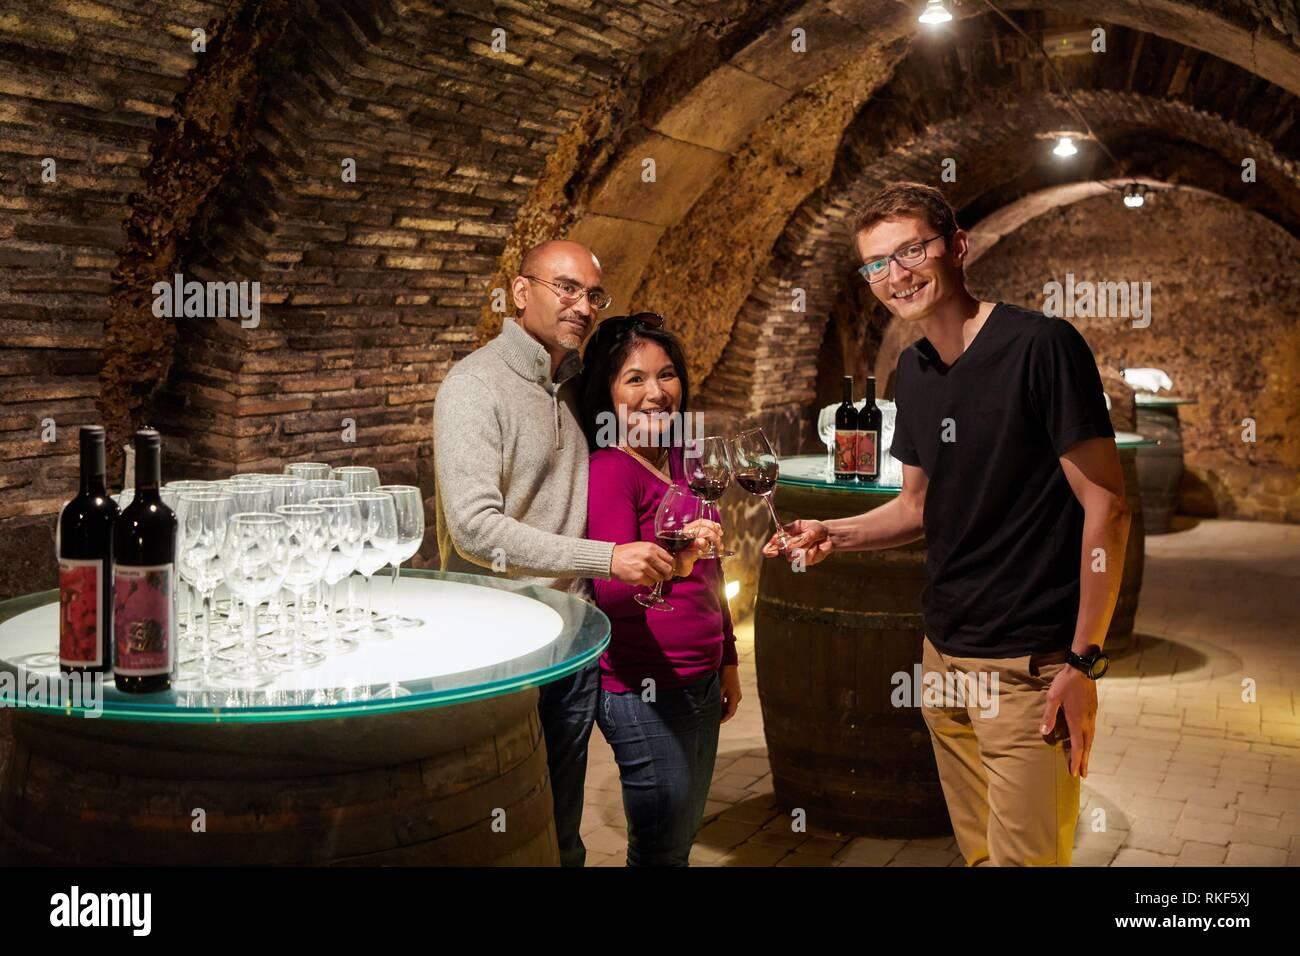 Guide avec les touristes, dégustation de vin, cave à vin, Rioja Alavesa, Alava, Pays Basque, Espagne, Europe Banque D'Images